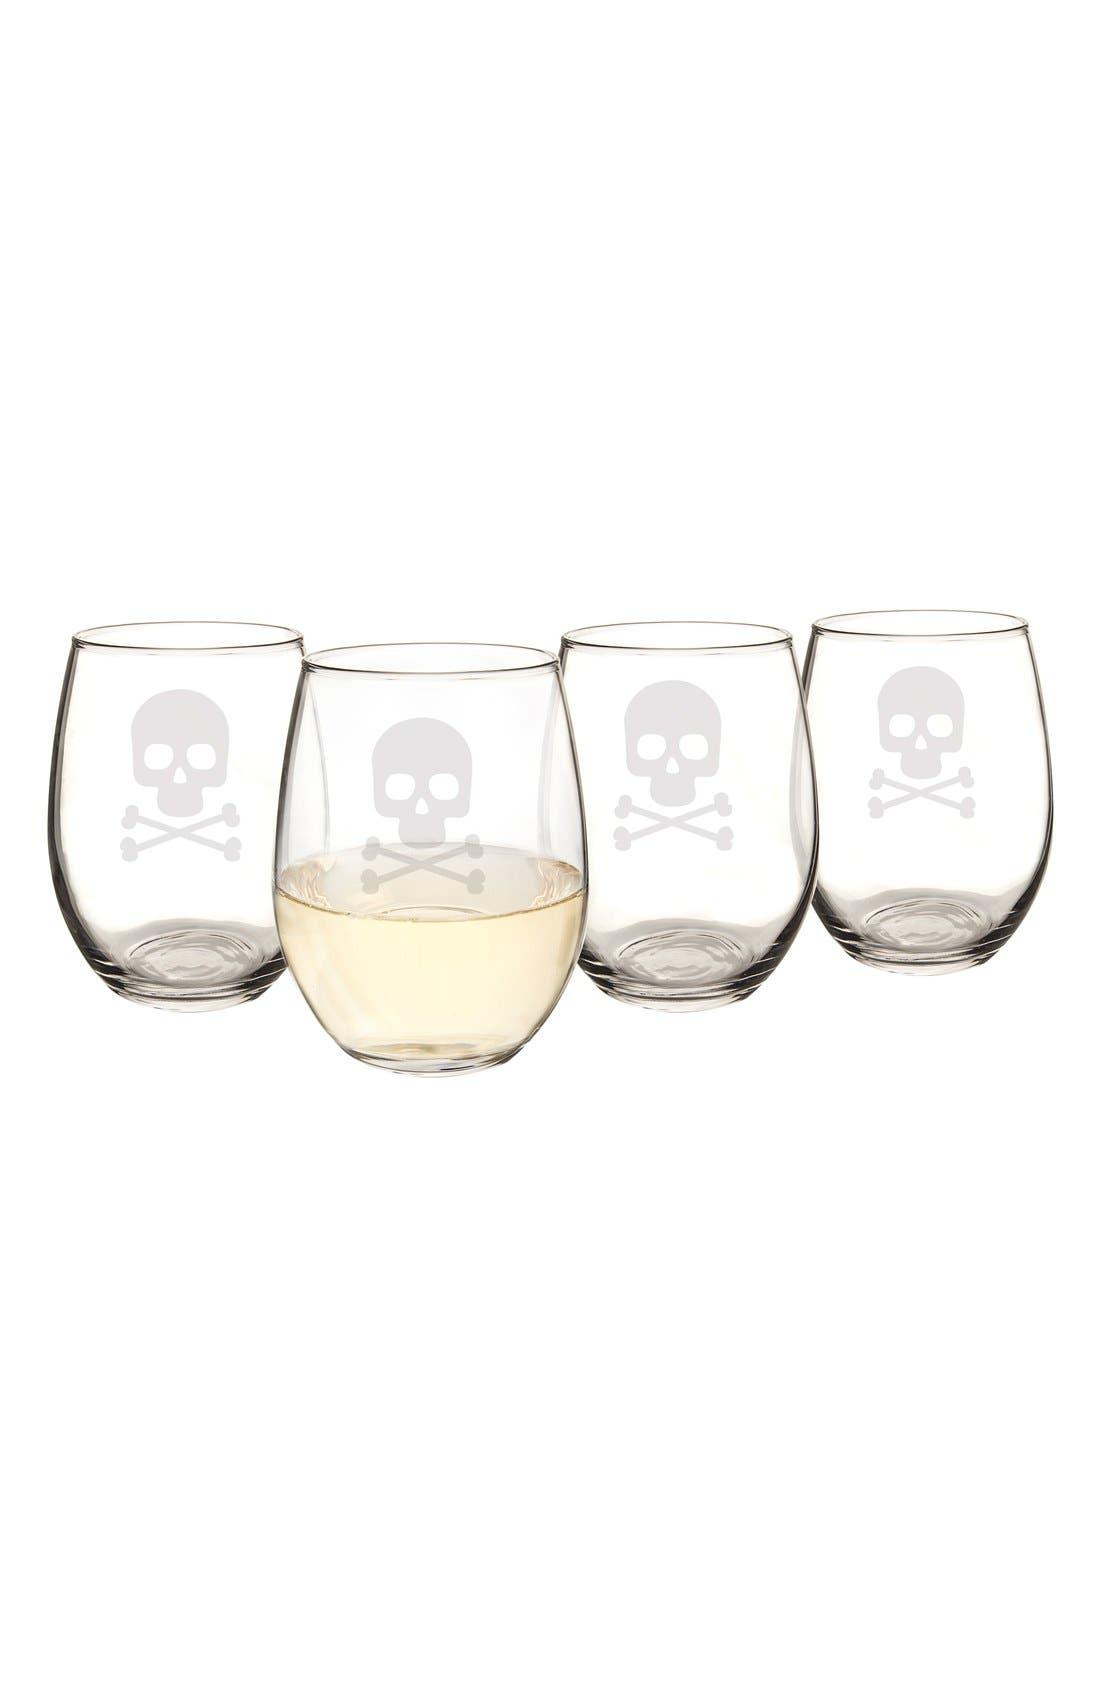 Skull & Crossbones Set of 4 Stemless Wine Glasses,                             Alternate thumbnail 2, color,                             CLEAR